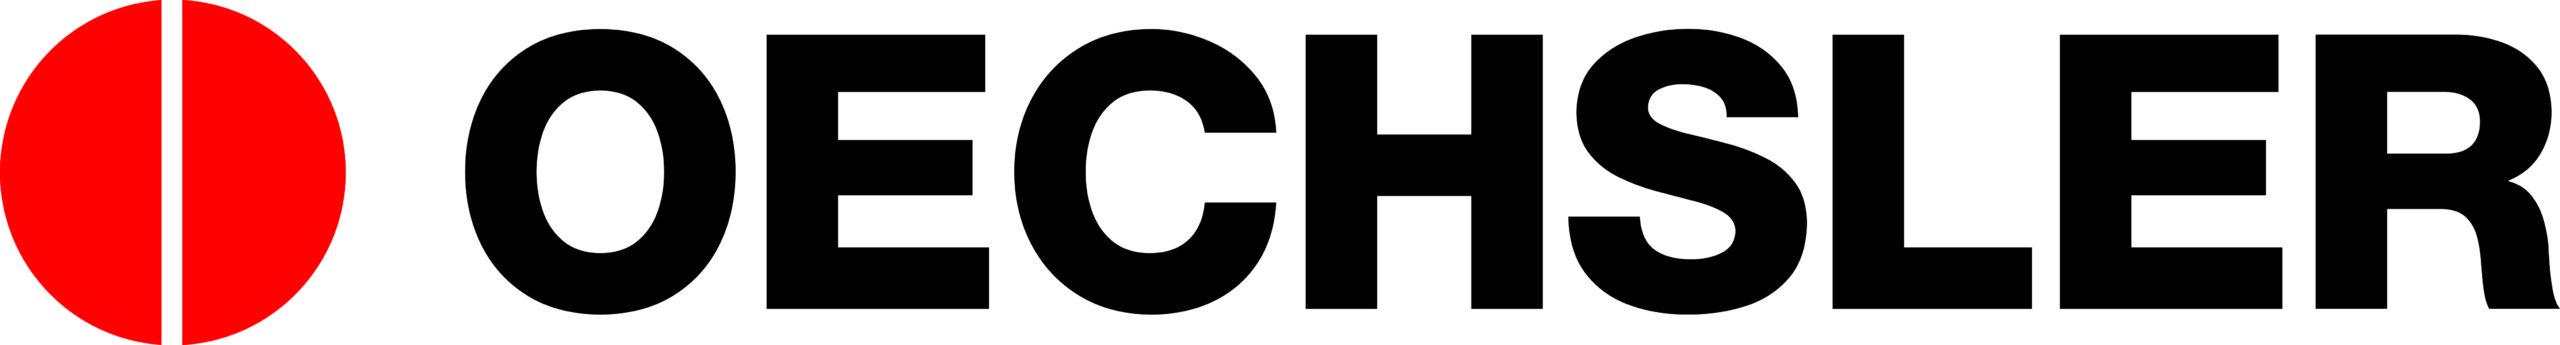 https://www.oechsler.com/en/